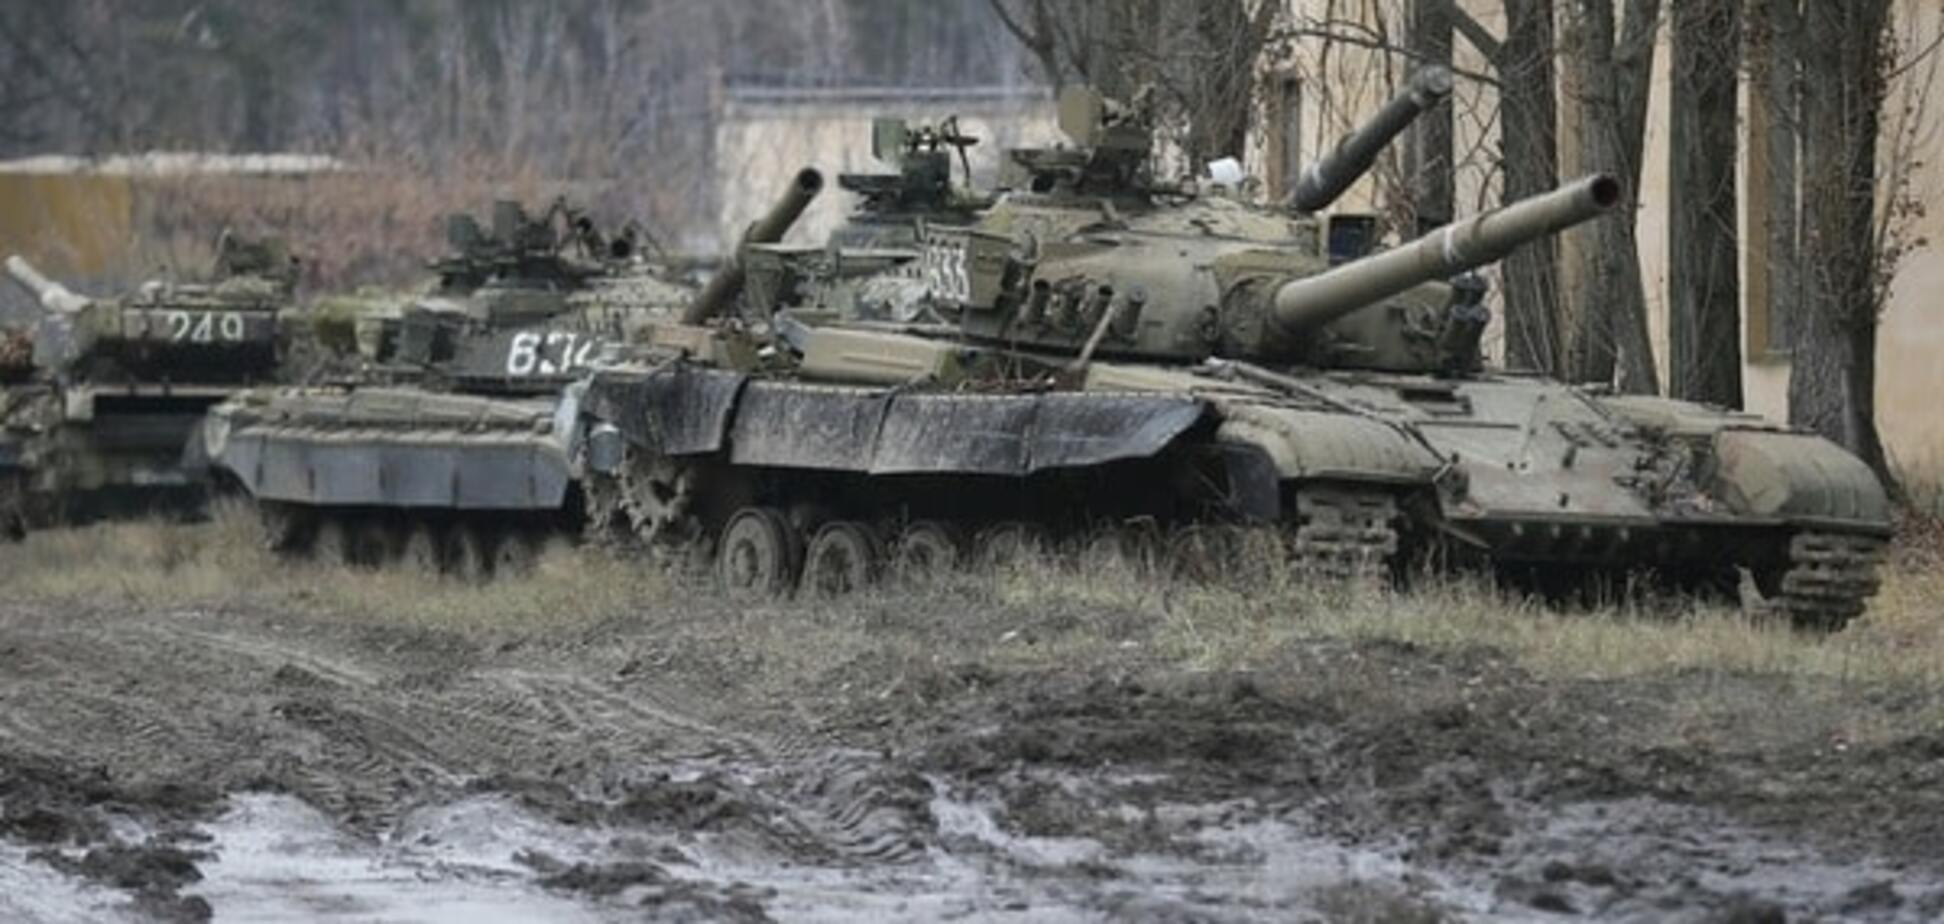 Новый год в АТО: террористы накрыли Донбасс огнем из гранатометов